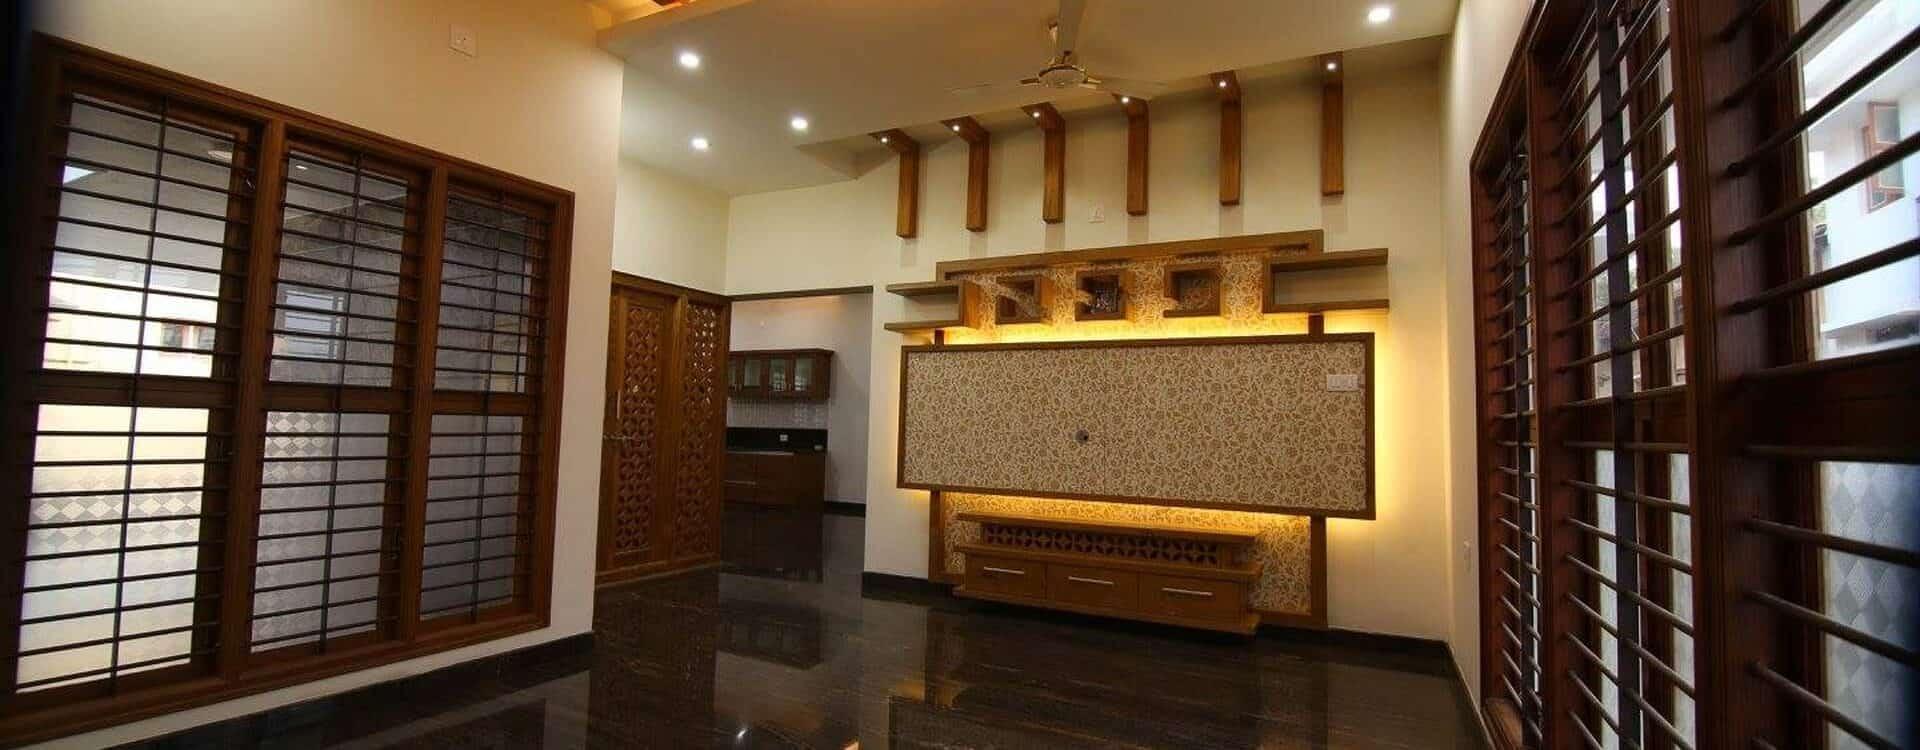 Mr. Rajesh Kamath Residence at Udupi